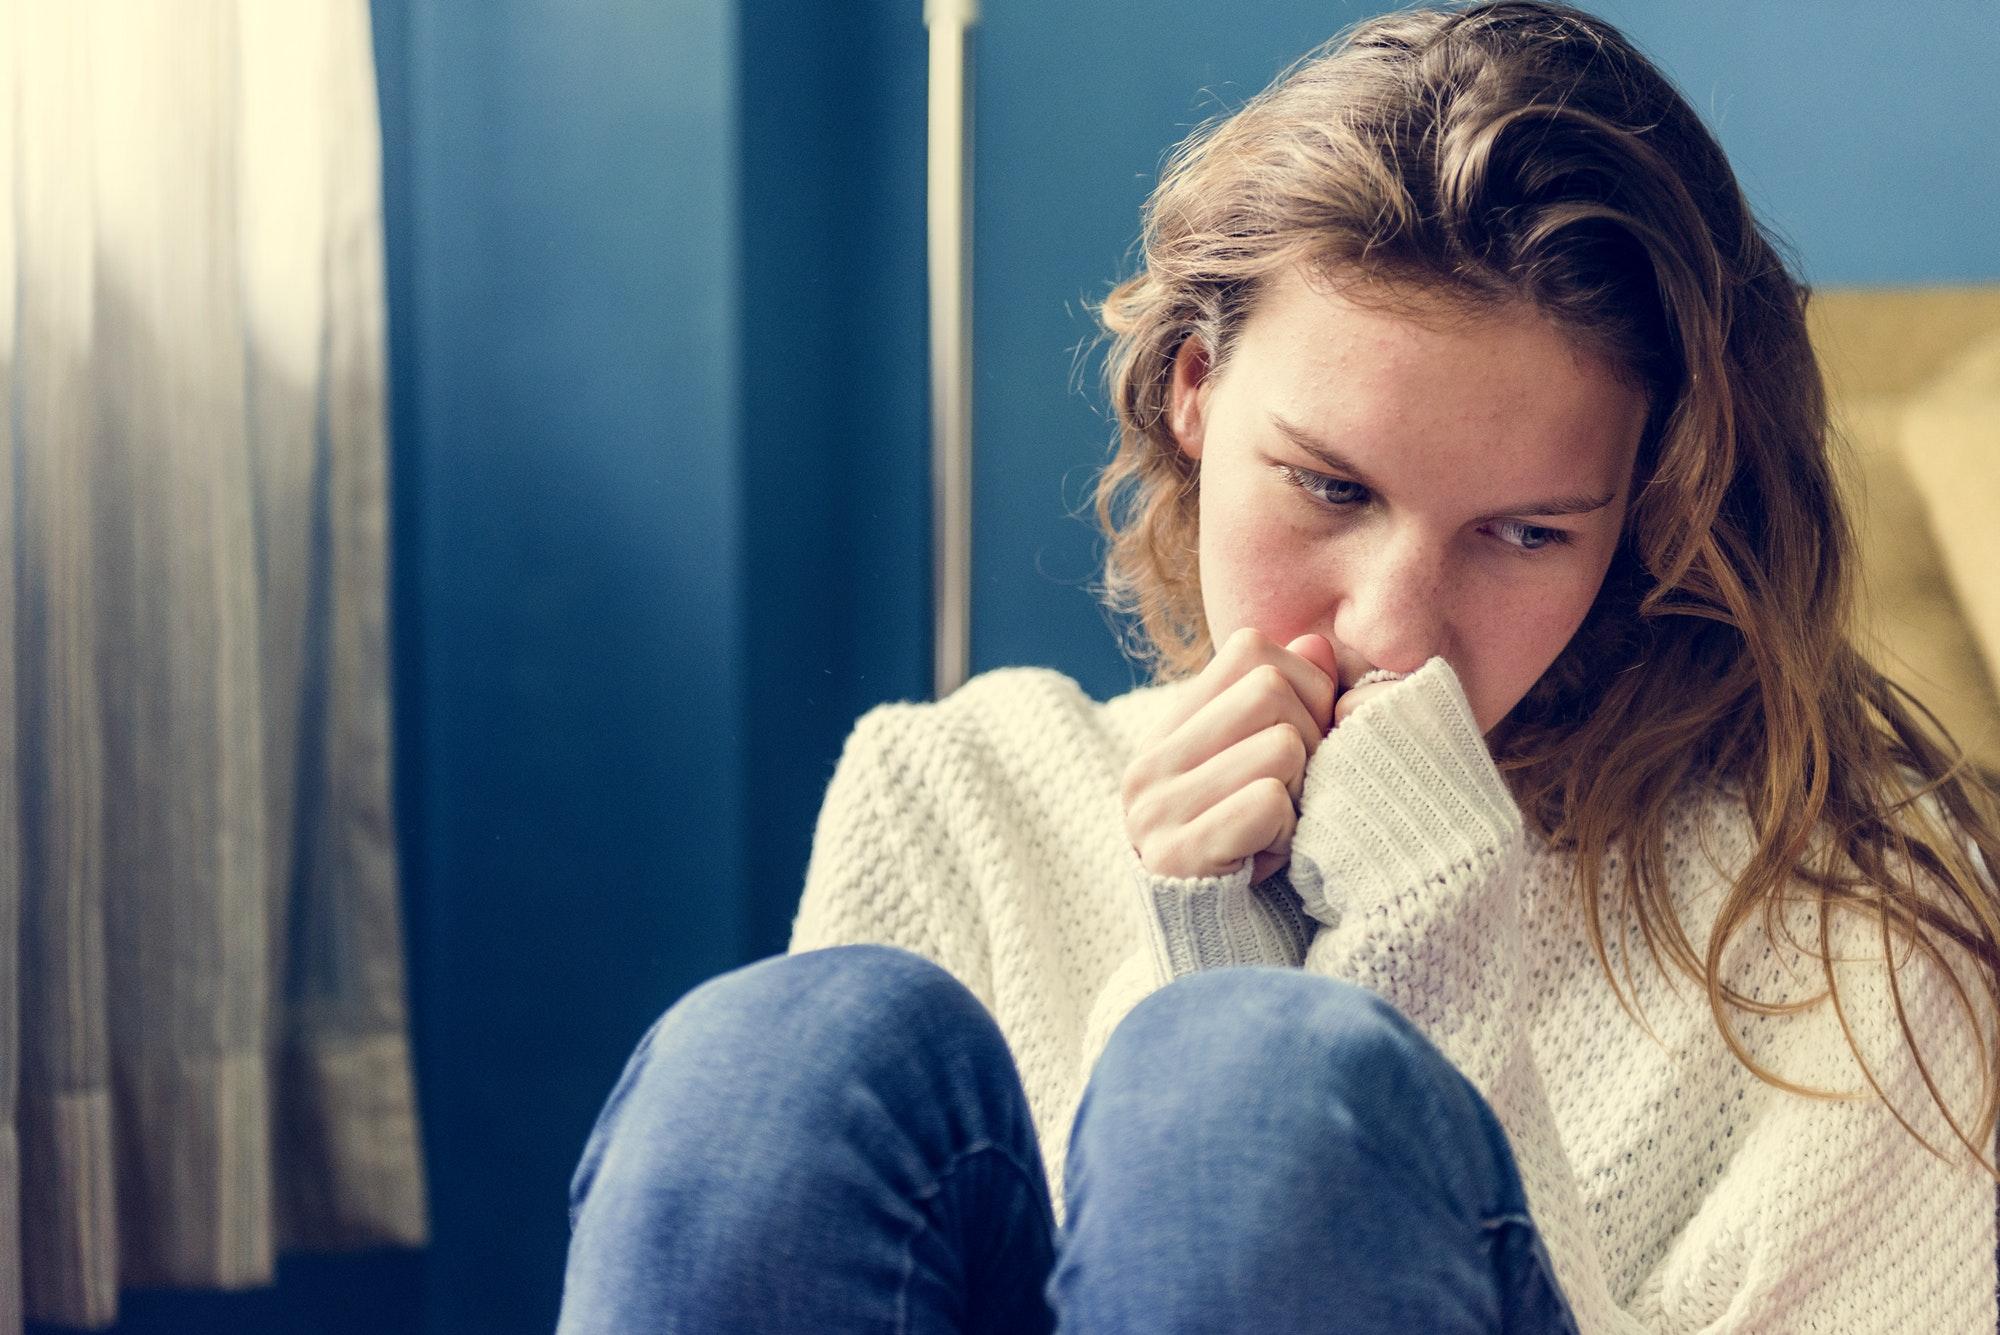 Miedos Normativos en la Infancia y Adolescencia